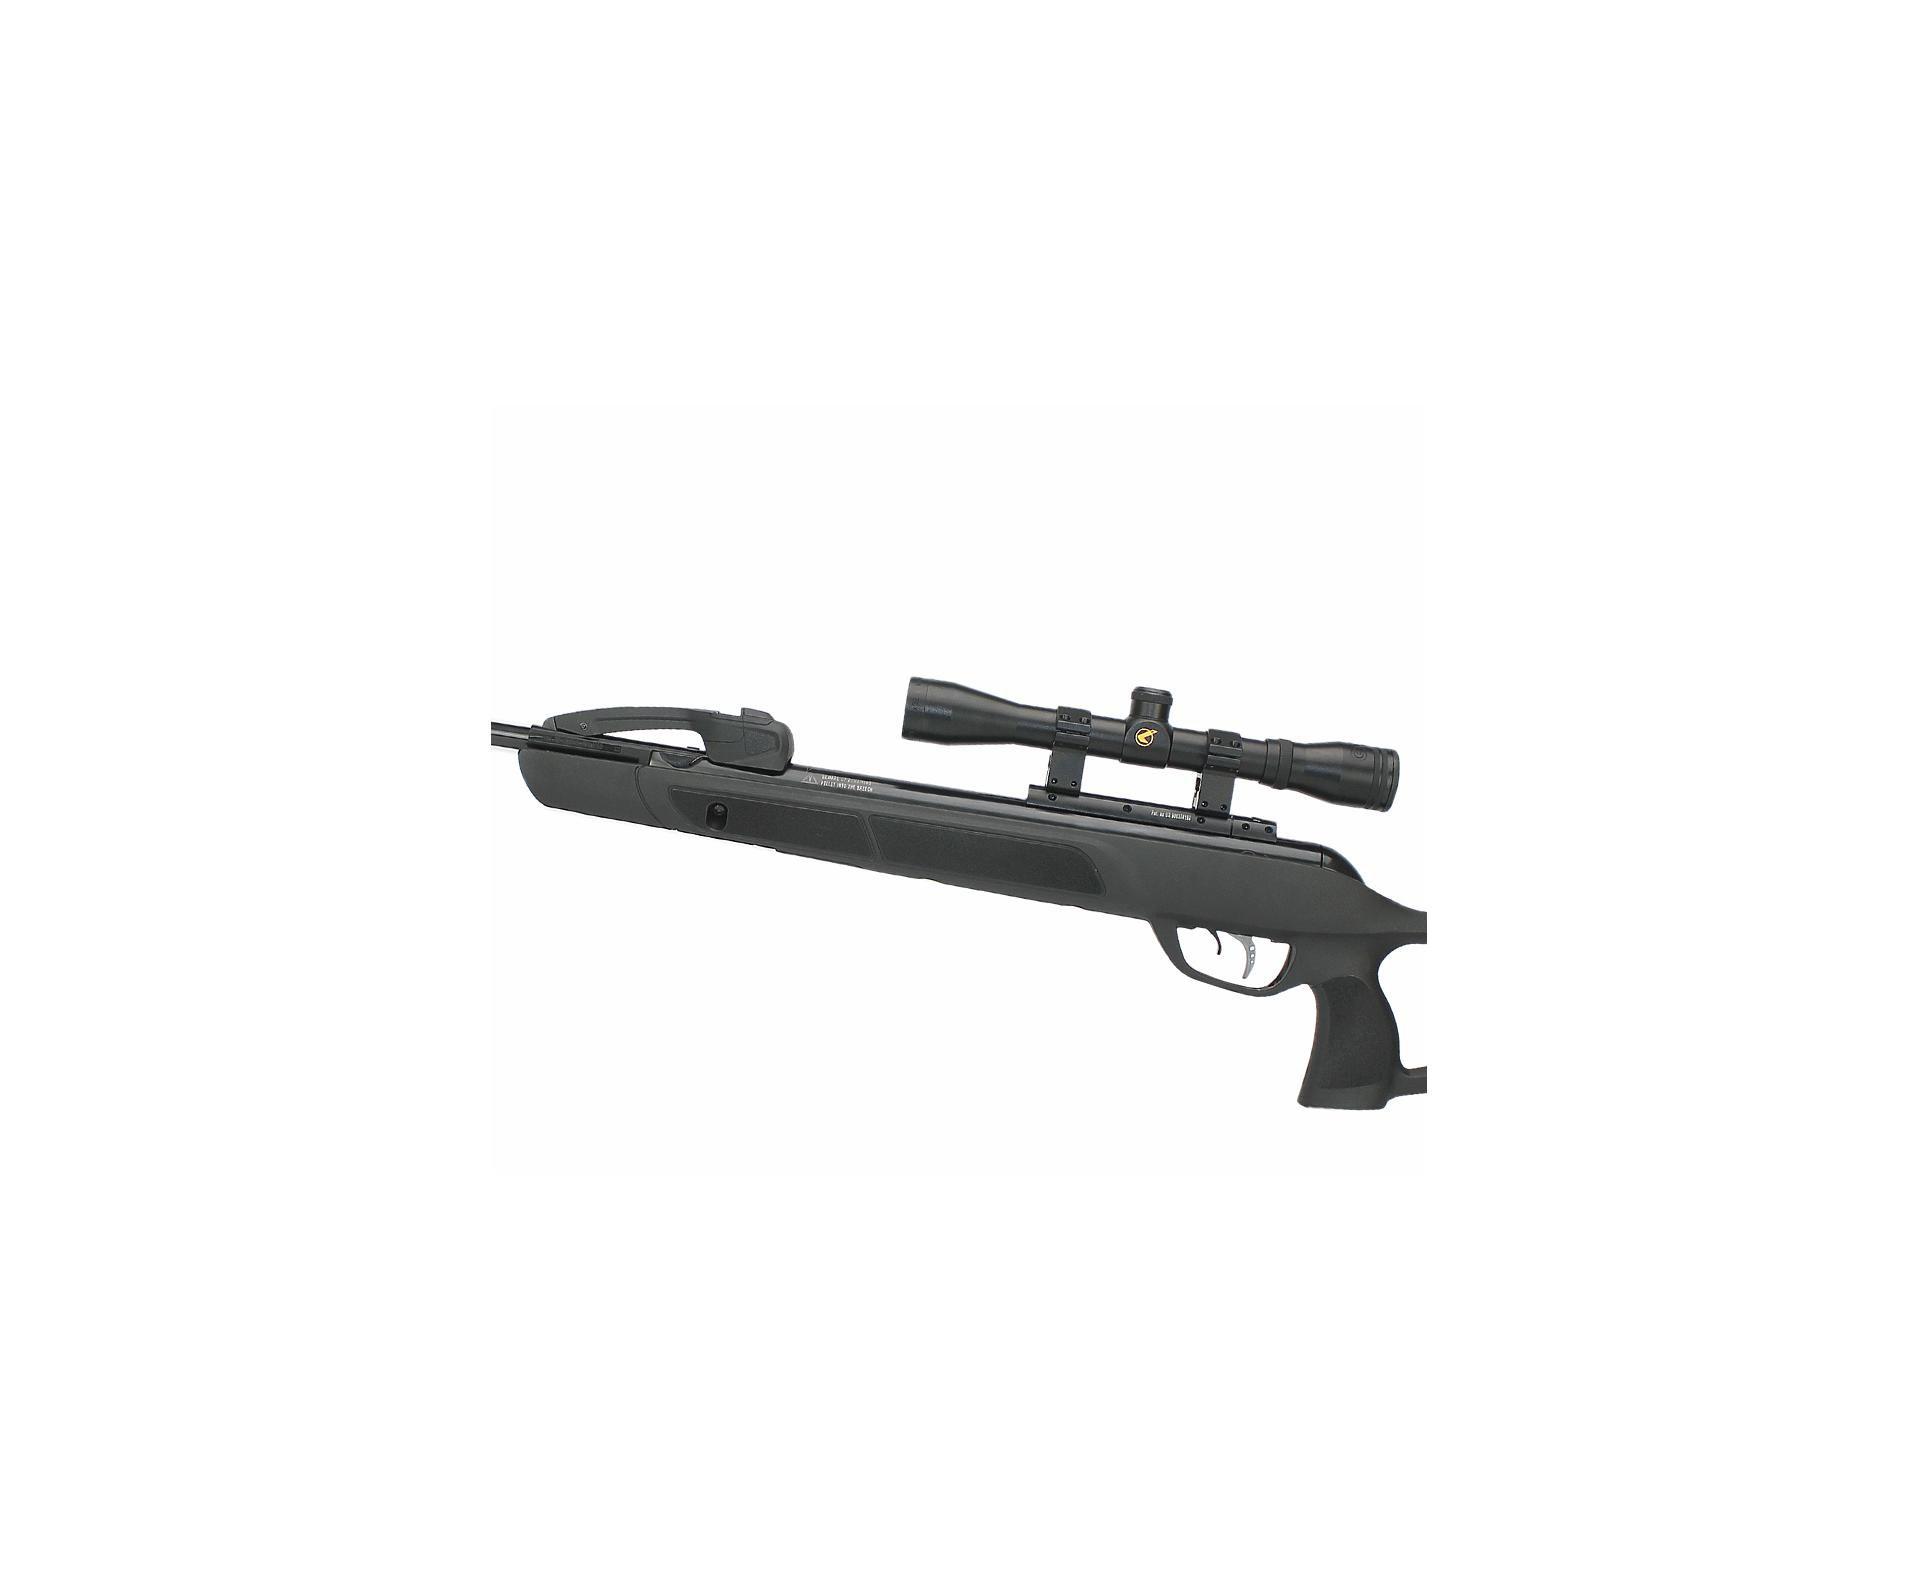 Carabina De Pressão Gamo G-magnum 1250 Replay-10 5,5mm Com Luneta 4x32 Wrh